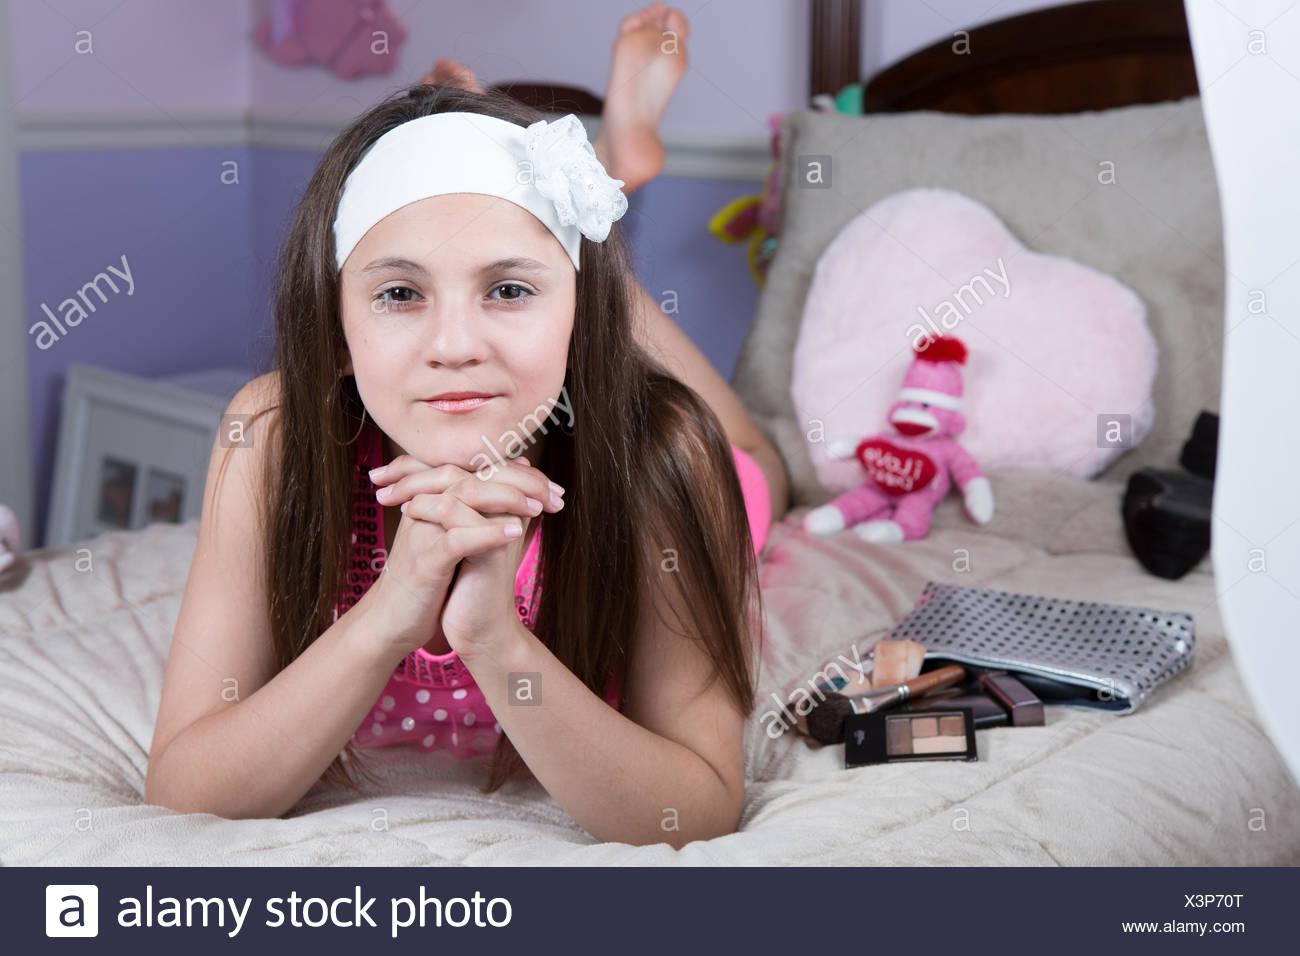 Porträt eines Mädchens auf ihrem Bett liegend mit make-up Stockbild